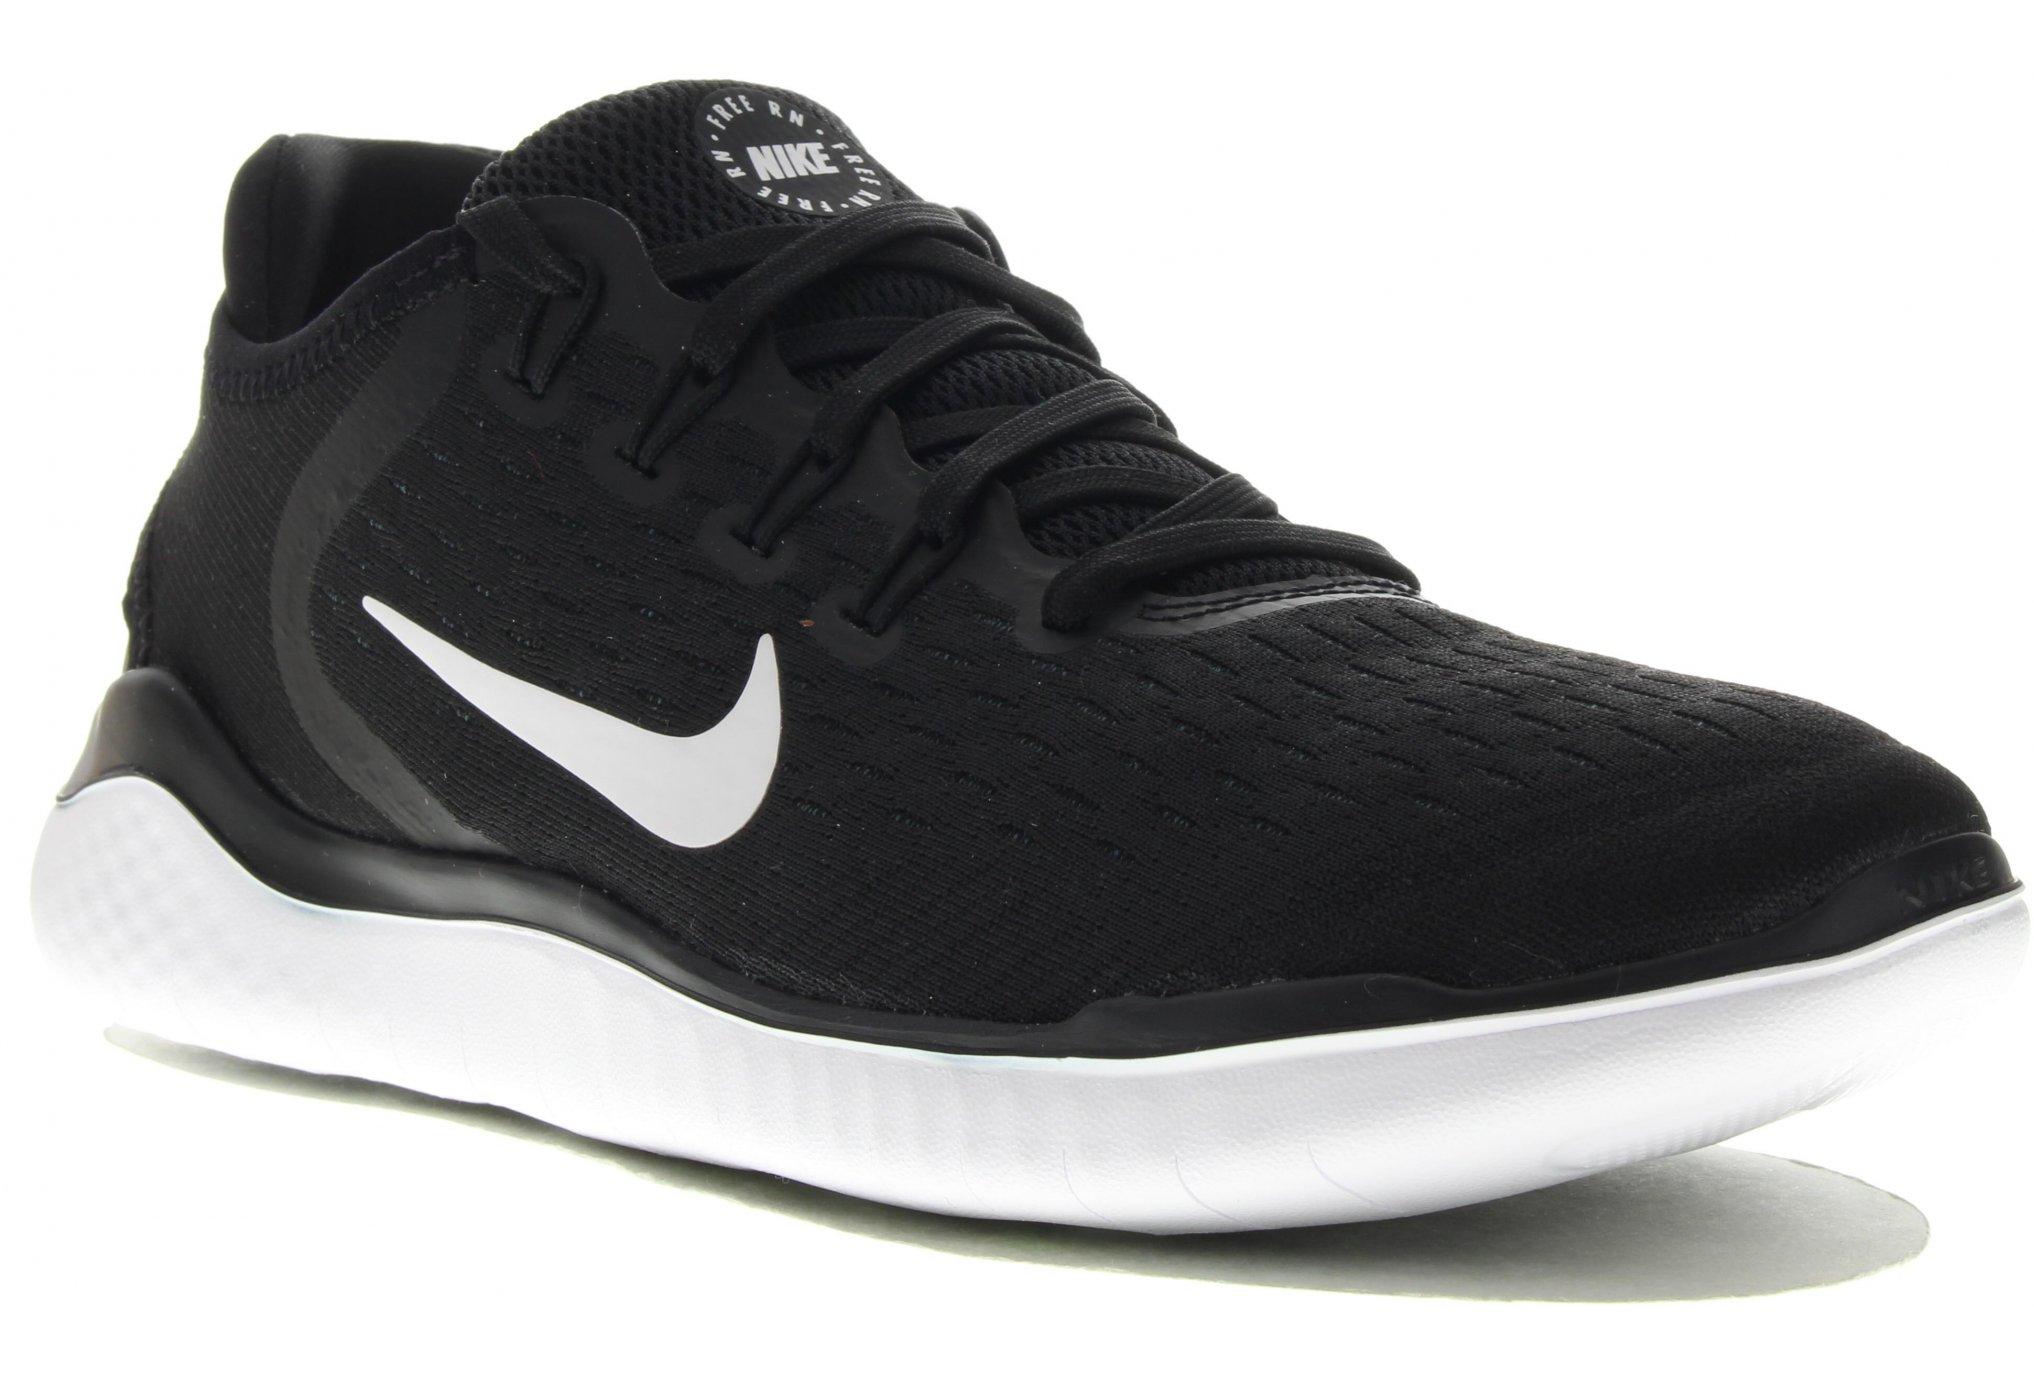 Nike Free RN M Diététique Chaussures homme